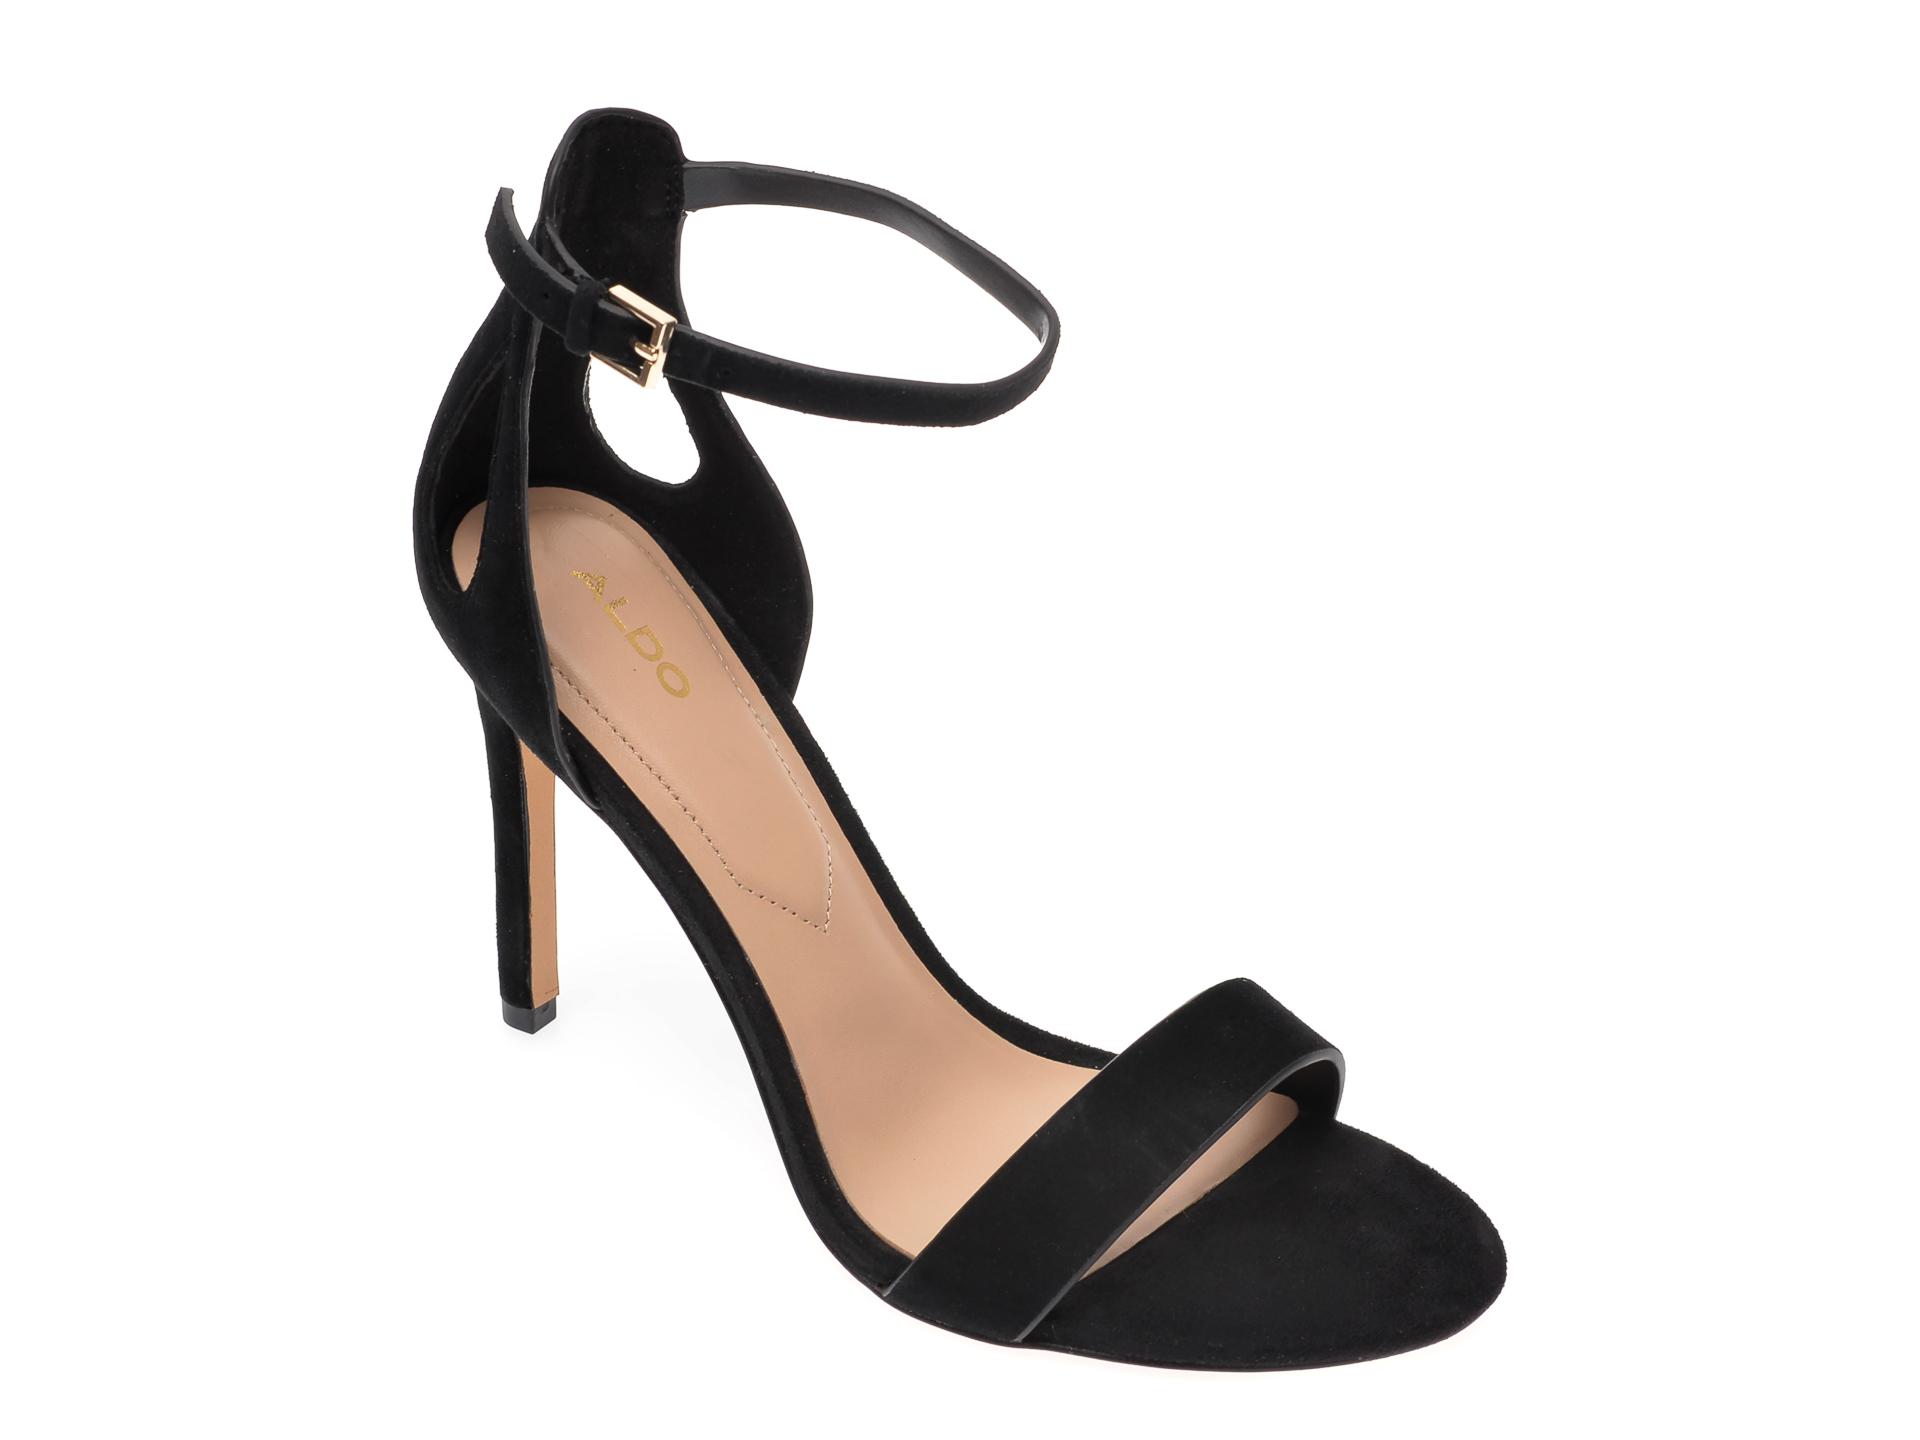 Sandale ALDO negre, Violla001, din piele intoarsa imagine otter.ro